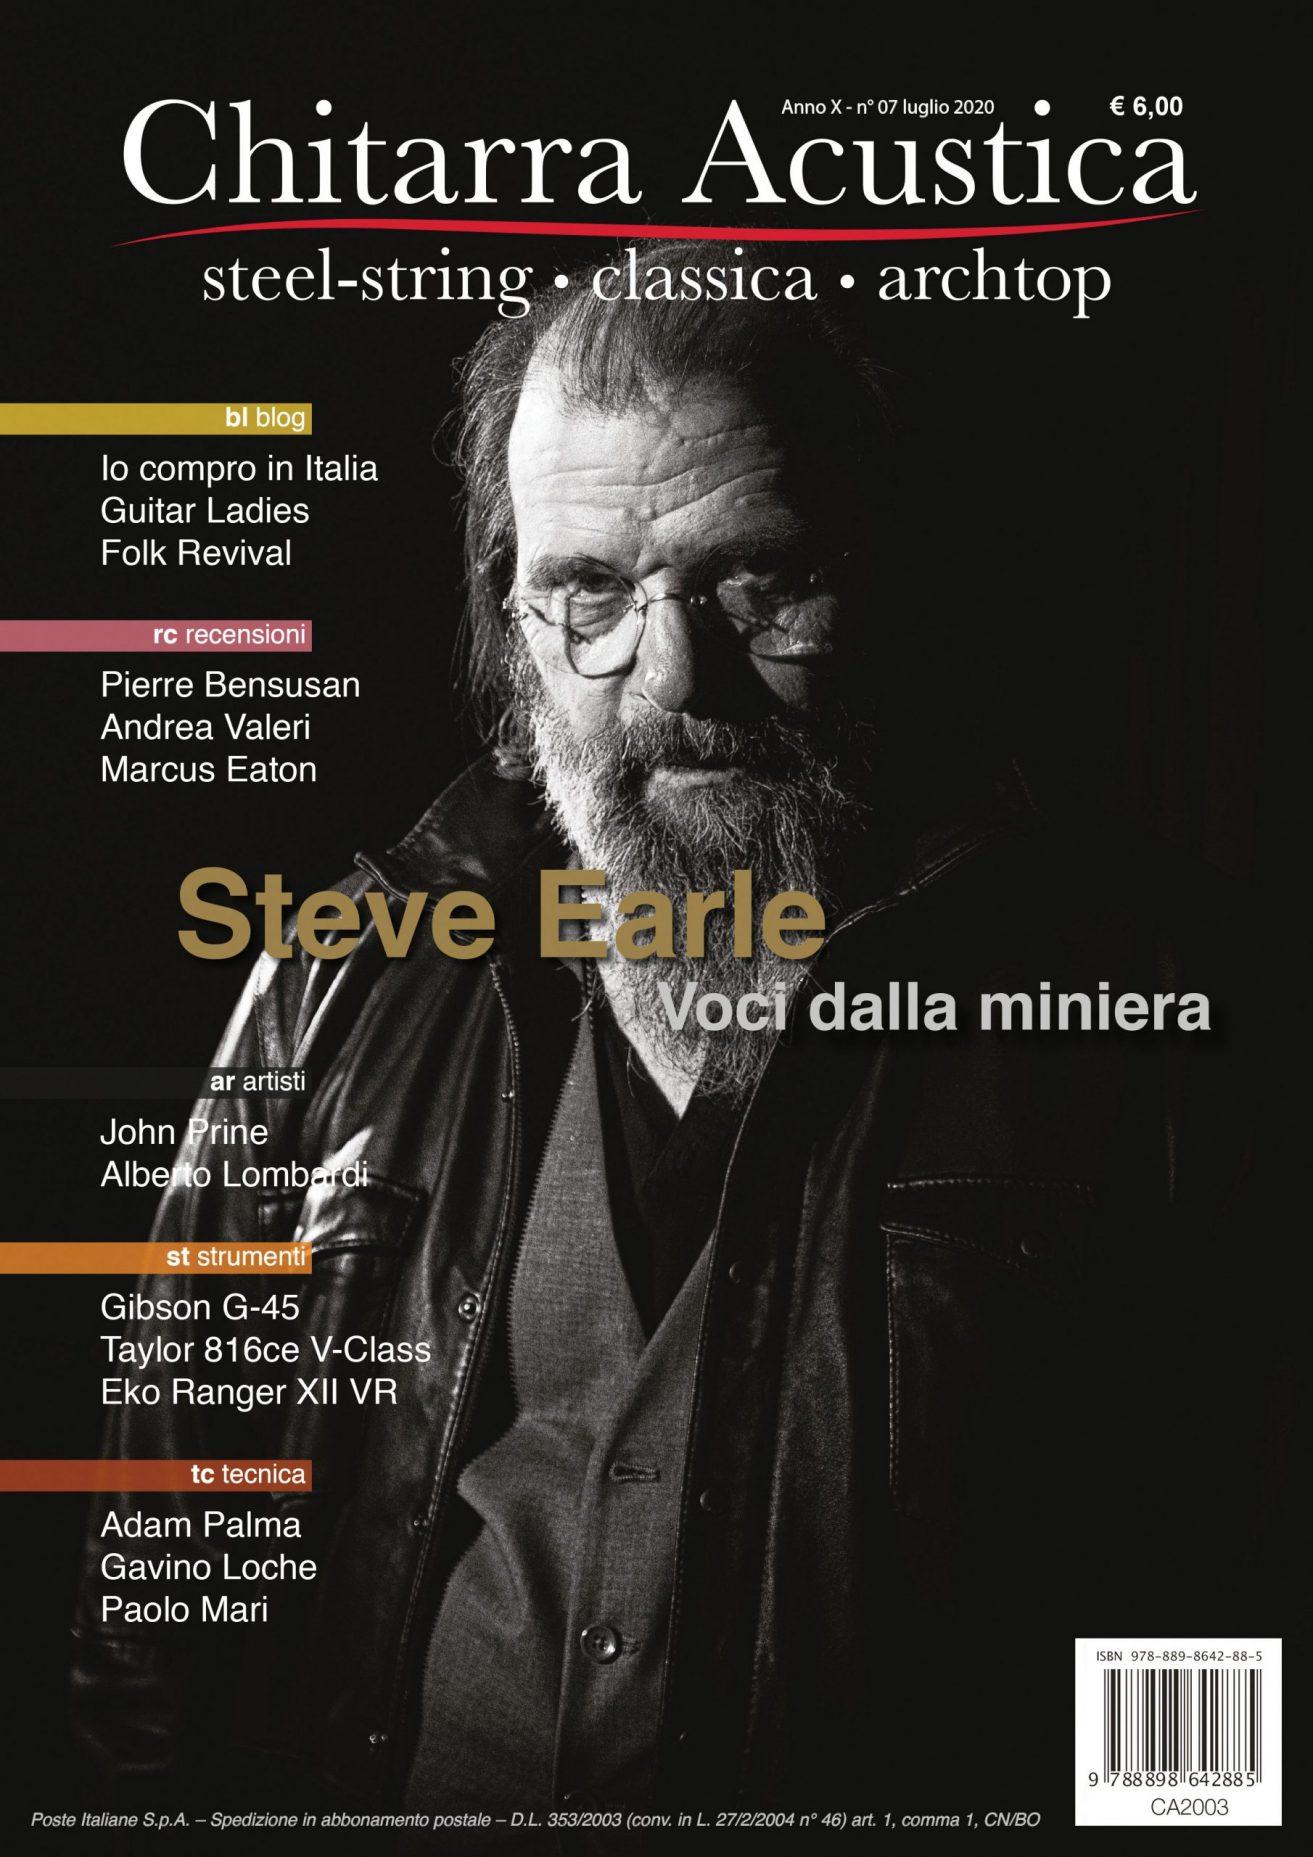 Chitarra Acustica, 7-20